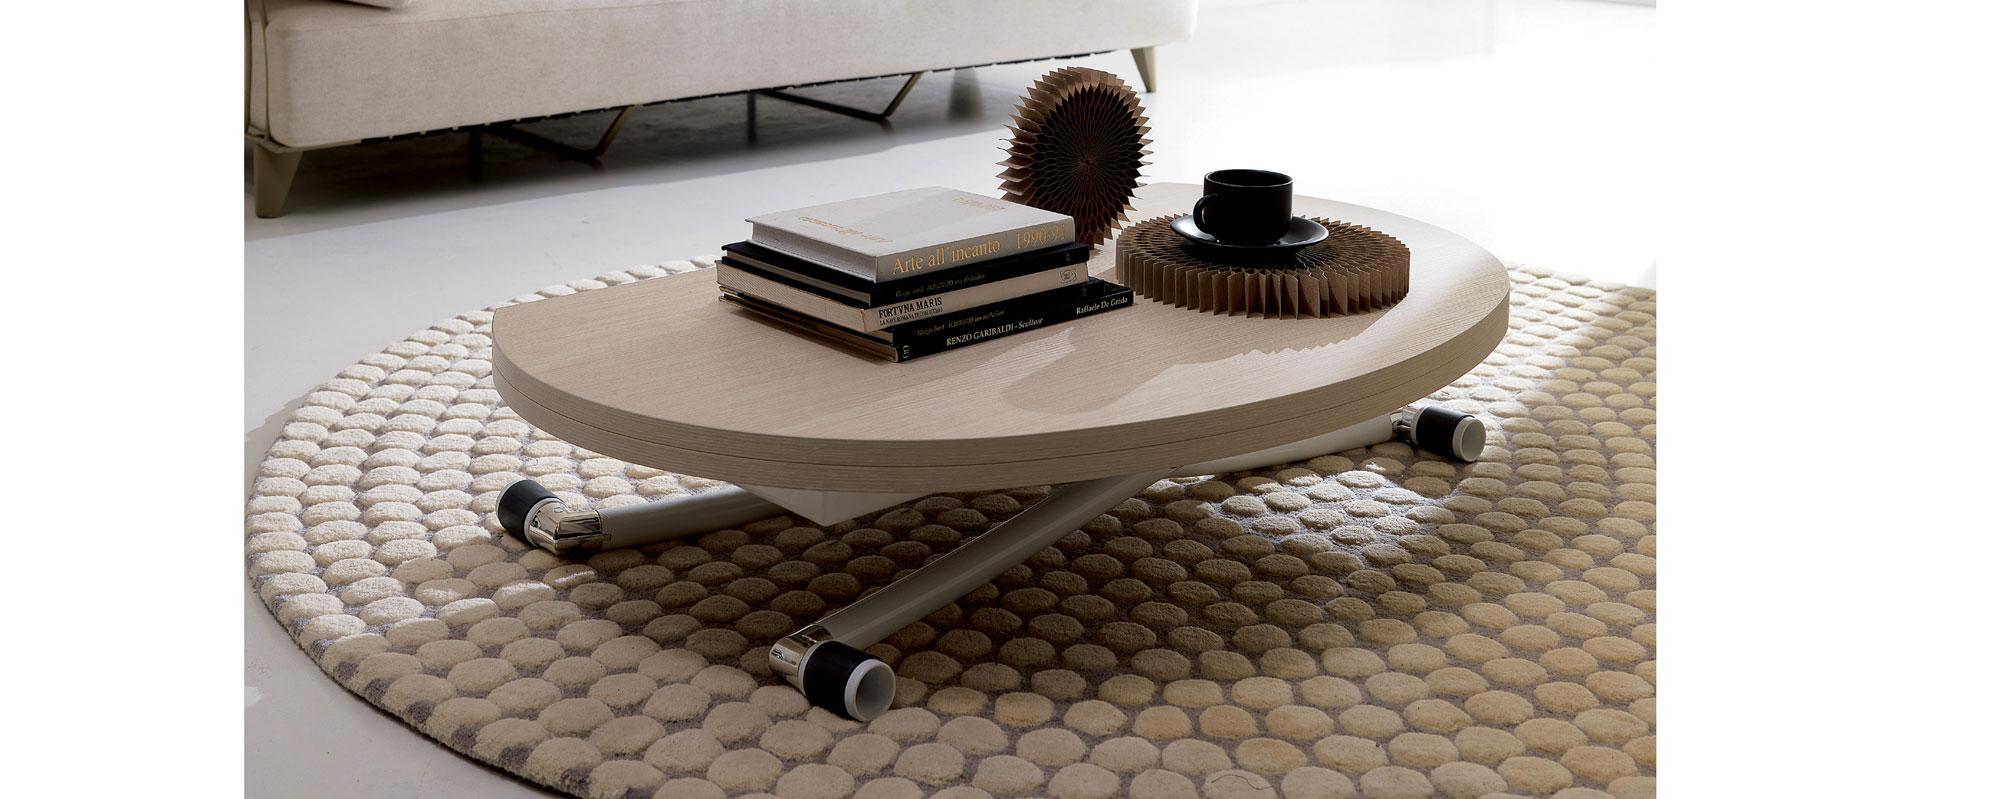 Mesa convertible a comedor moderna apple en cosas de - Mesa de centro convertible en mesa de comedor ...